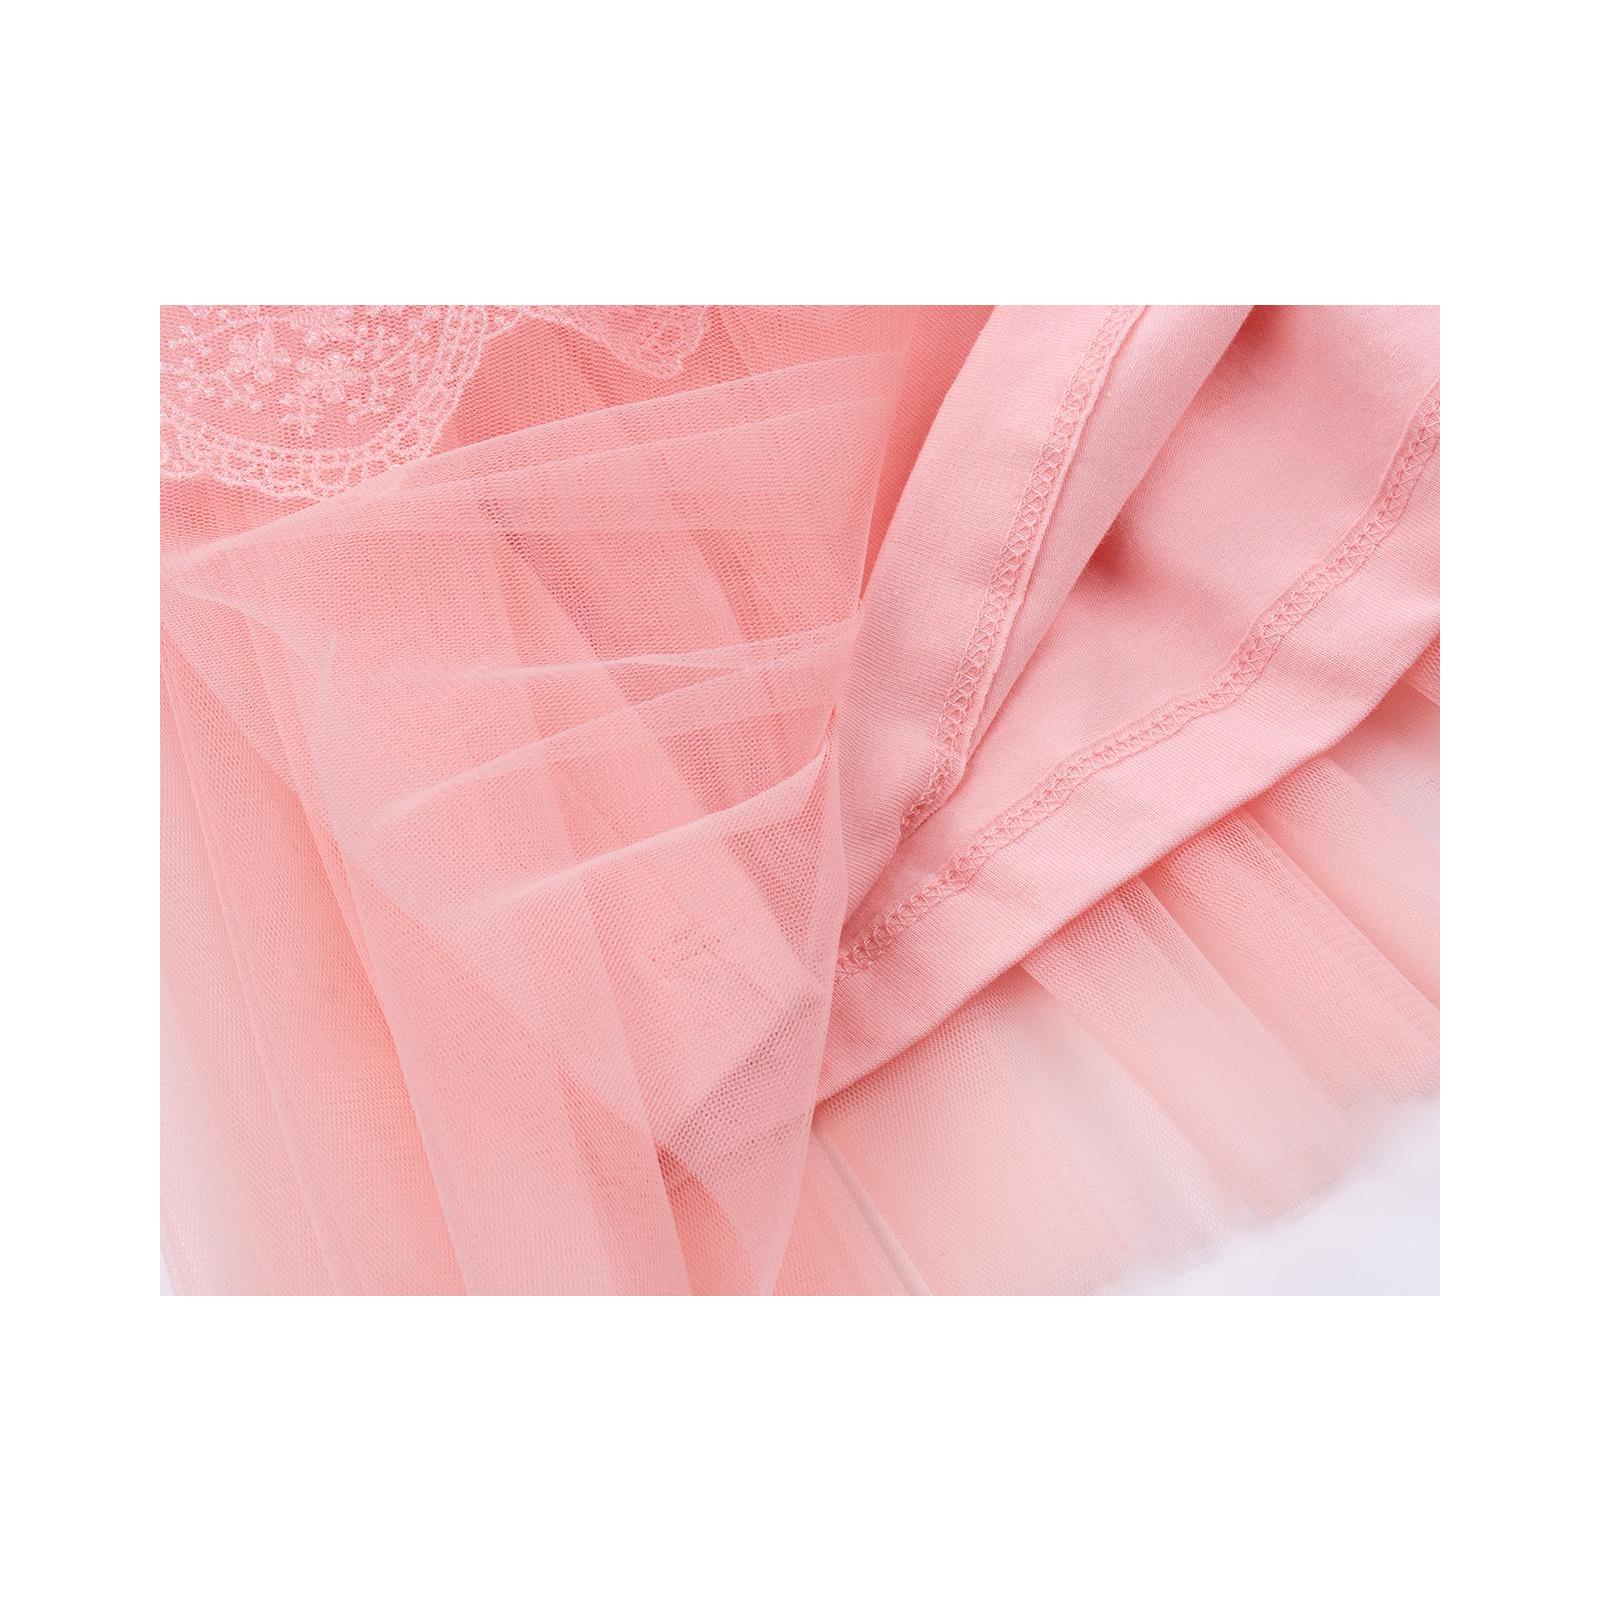 Платье Breeze кружевное с оборками (9011-80G-cream) изображение 5